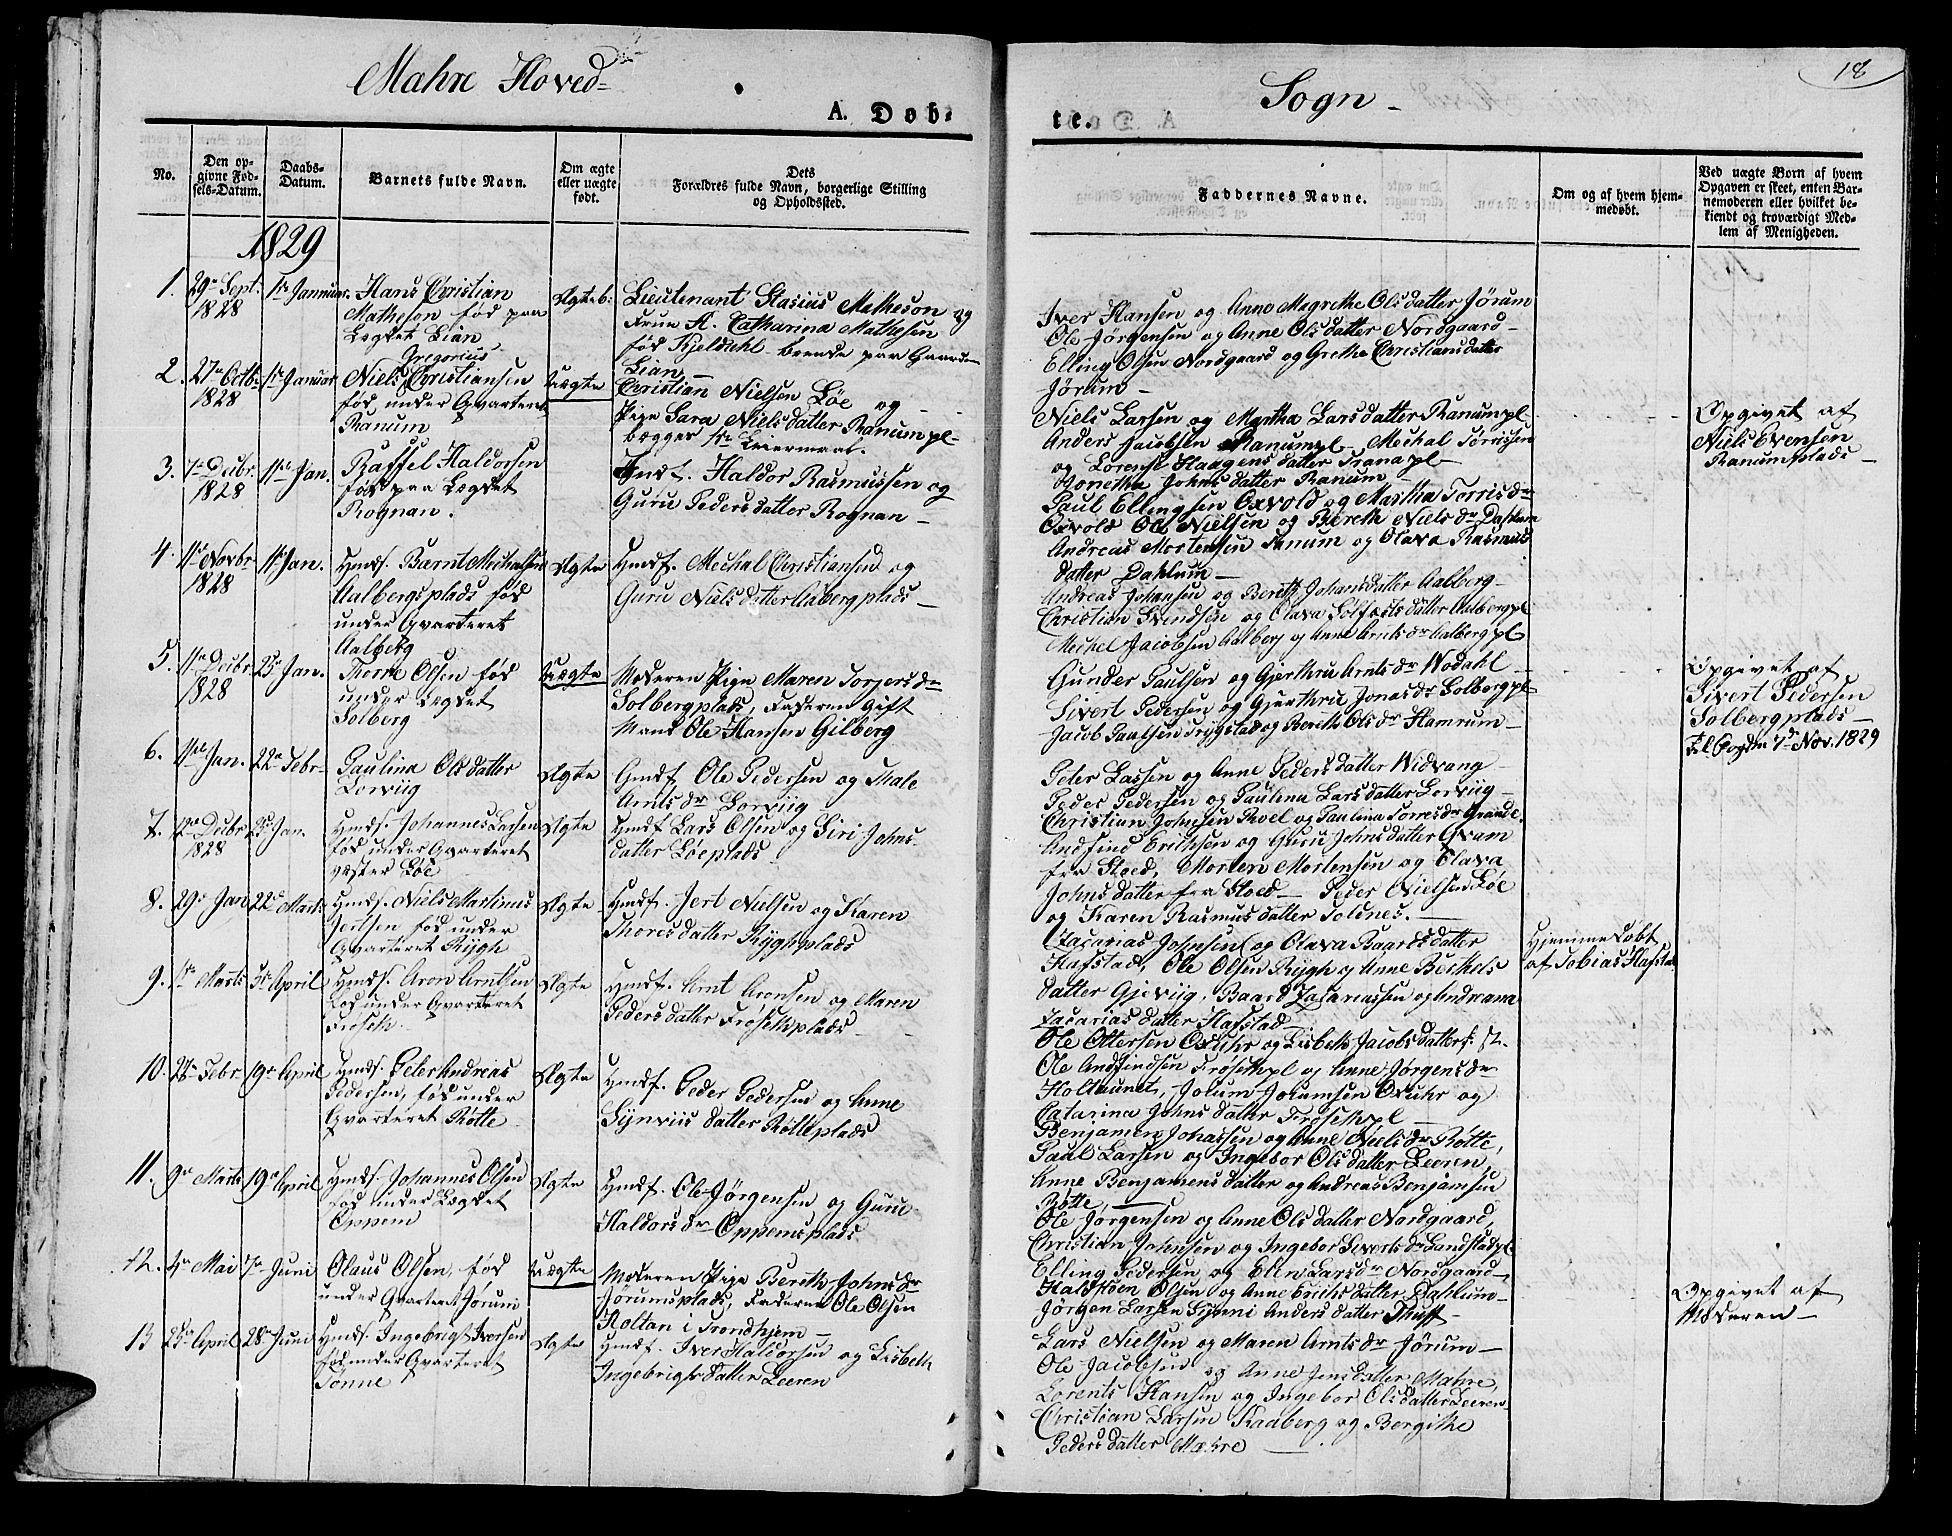 SAT, Ministerialprotokoller, klokkerbøker og fødselsregistre - Nord-Trøndelag, 735/L0336: Ministerialbok nr. 735A05 /1, 1825-1835, s. 18